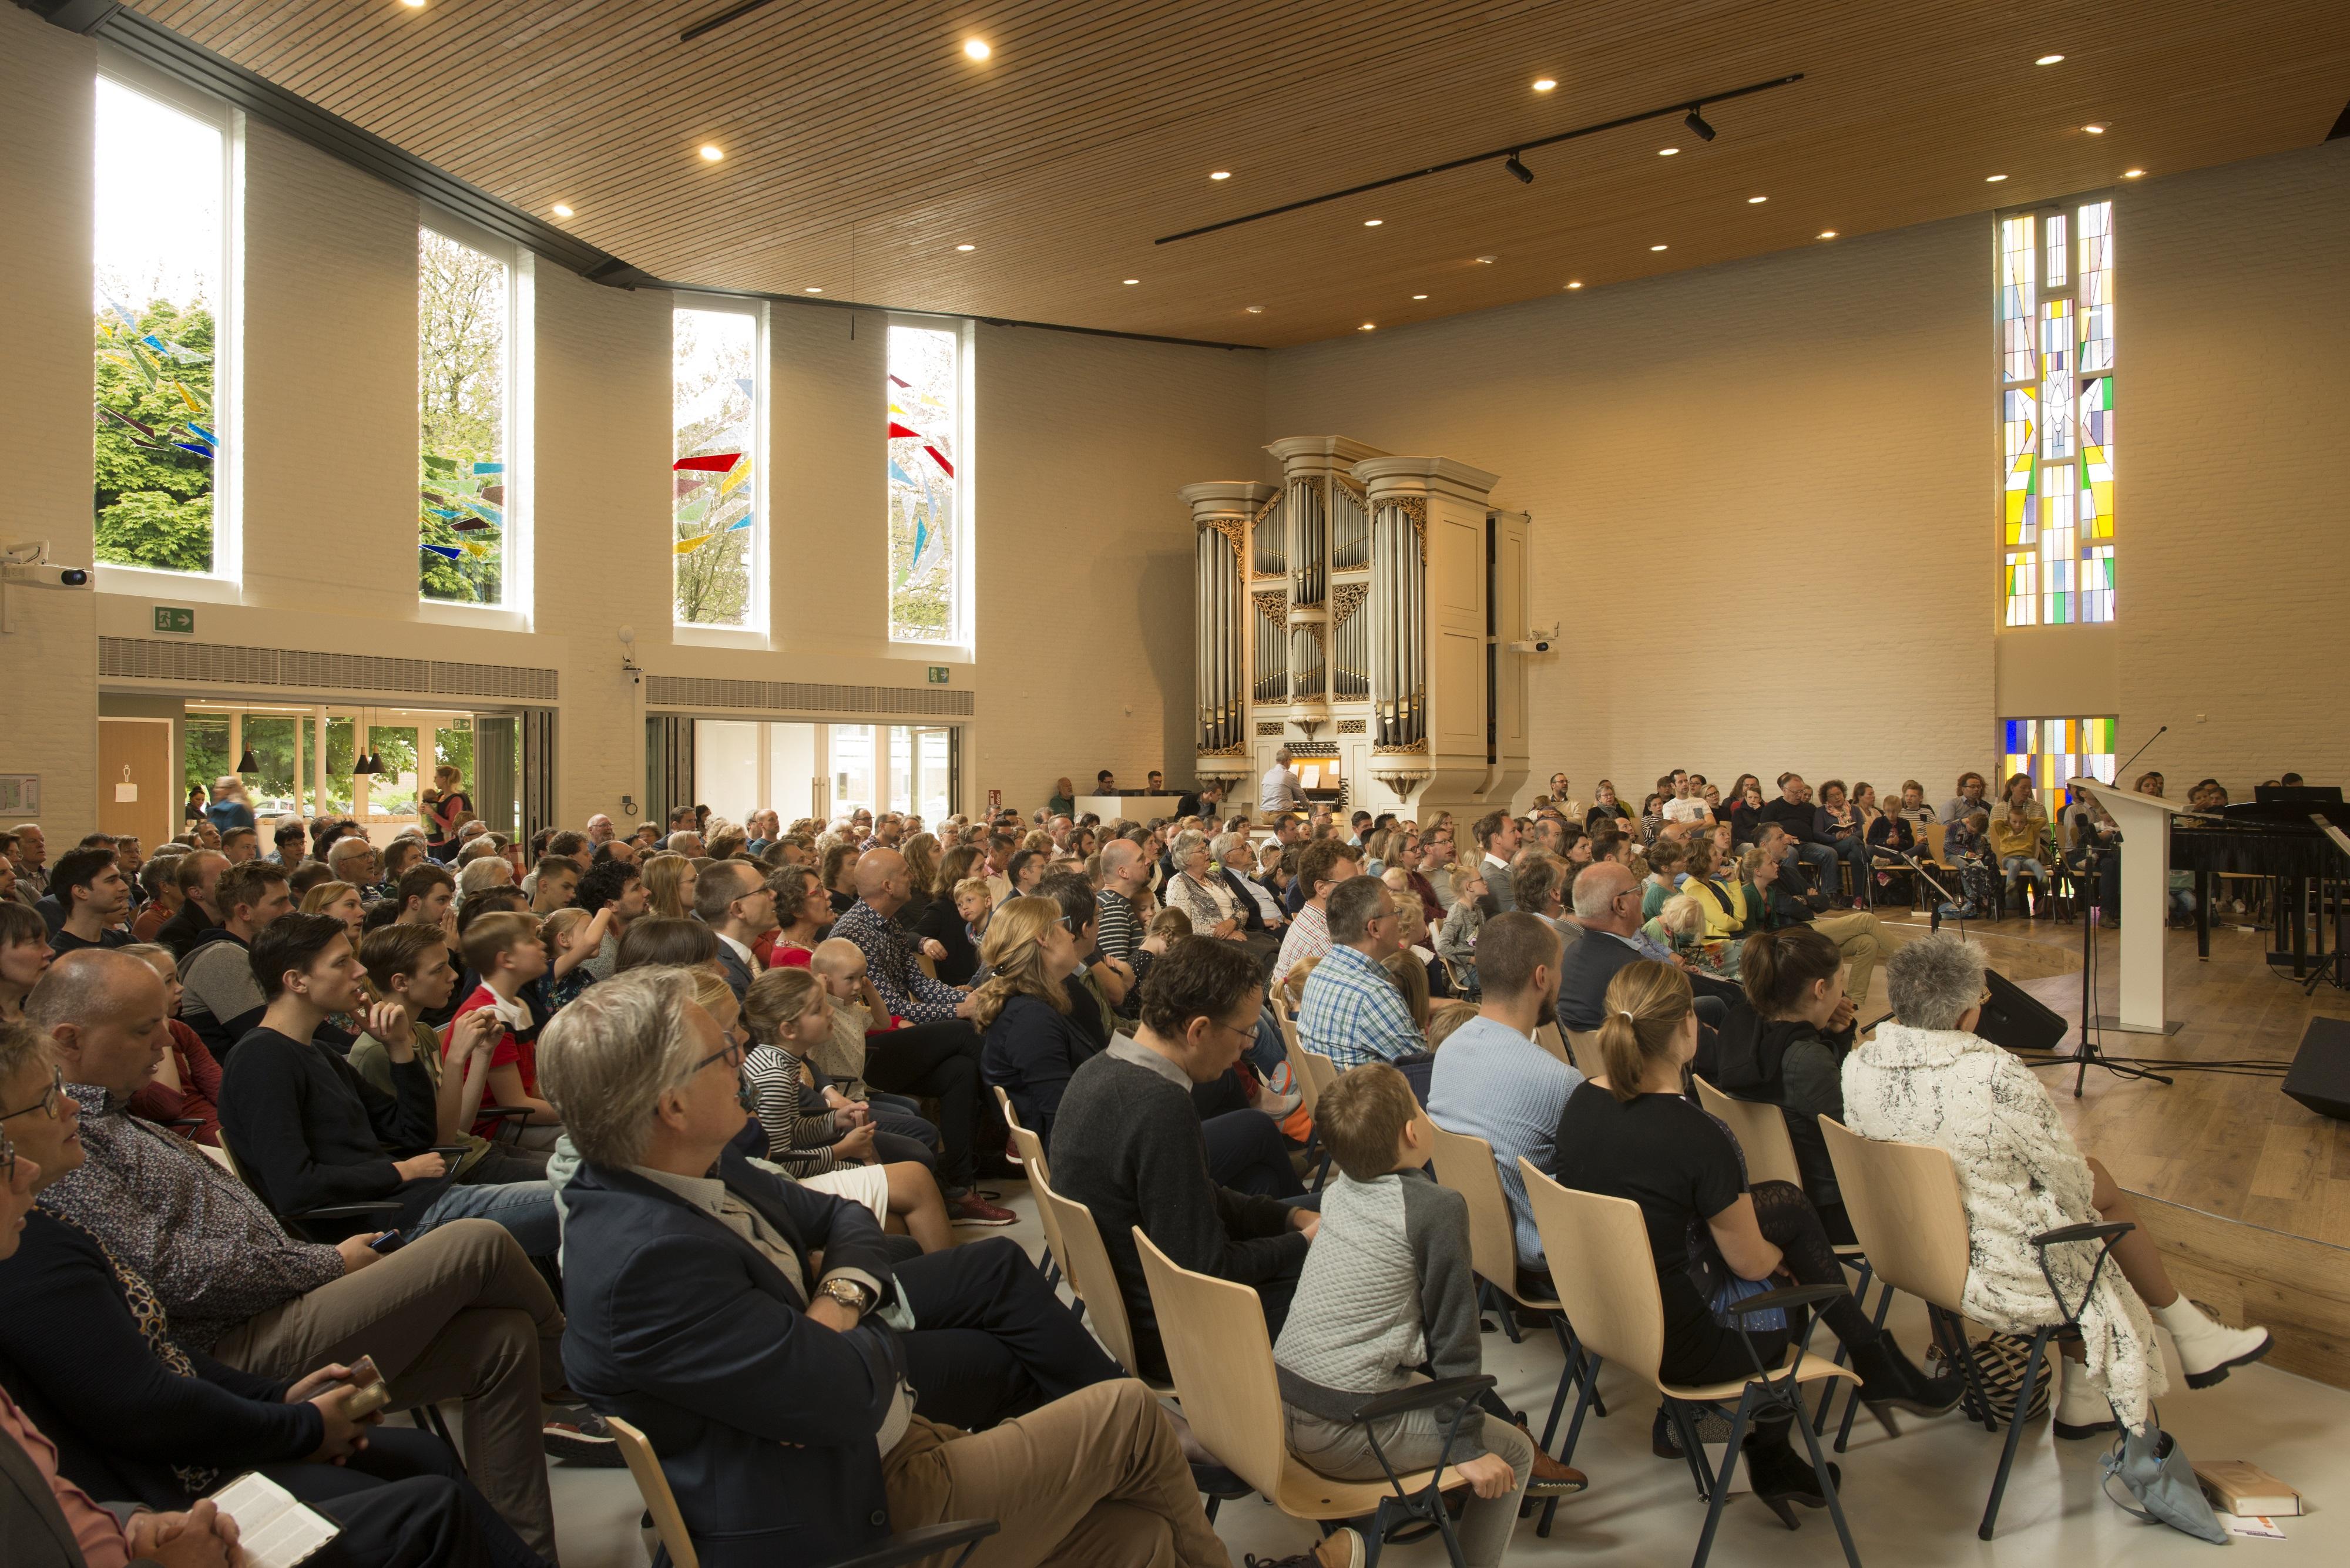 <p>Renovatie kerk de Vaste Burcht in Gouda door Open Kaart. Beeld Rufus de Vries</p>